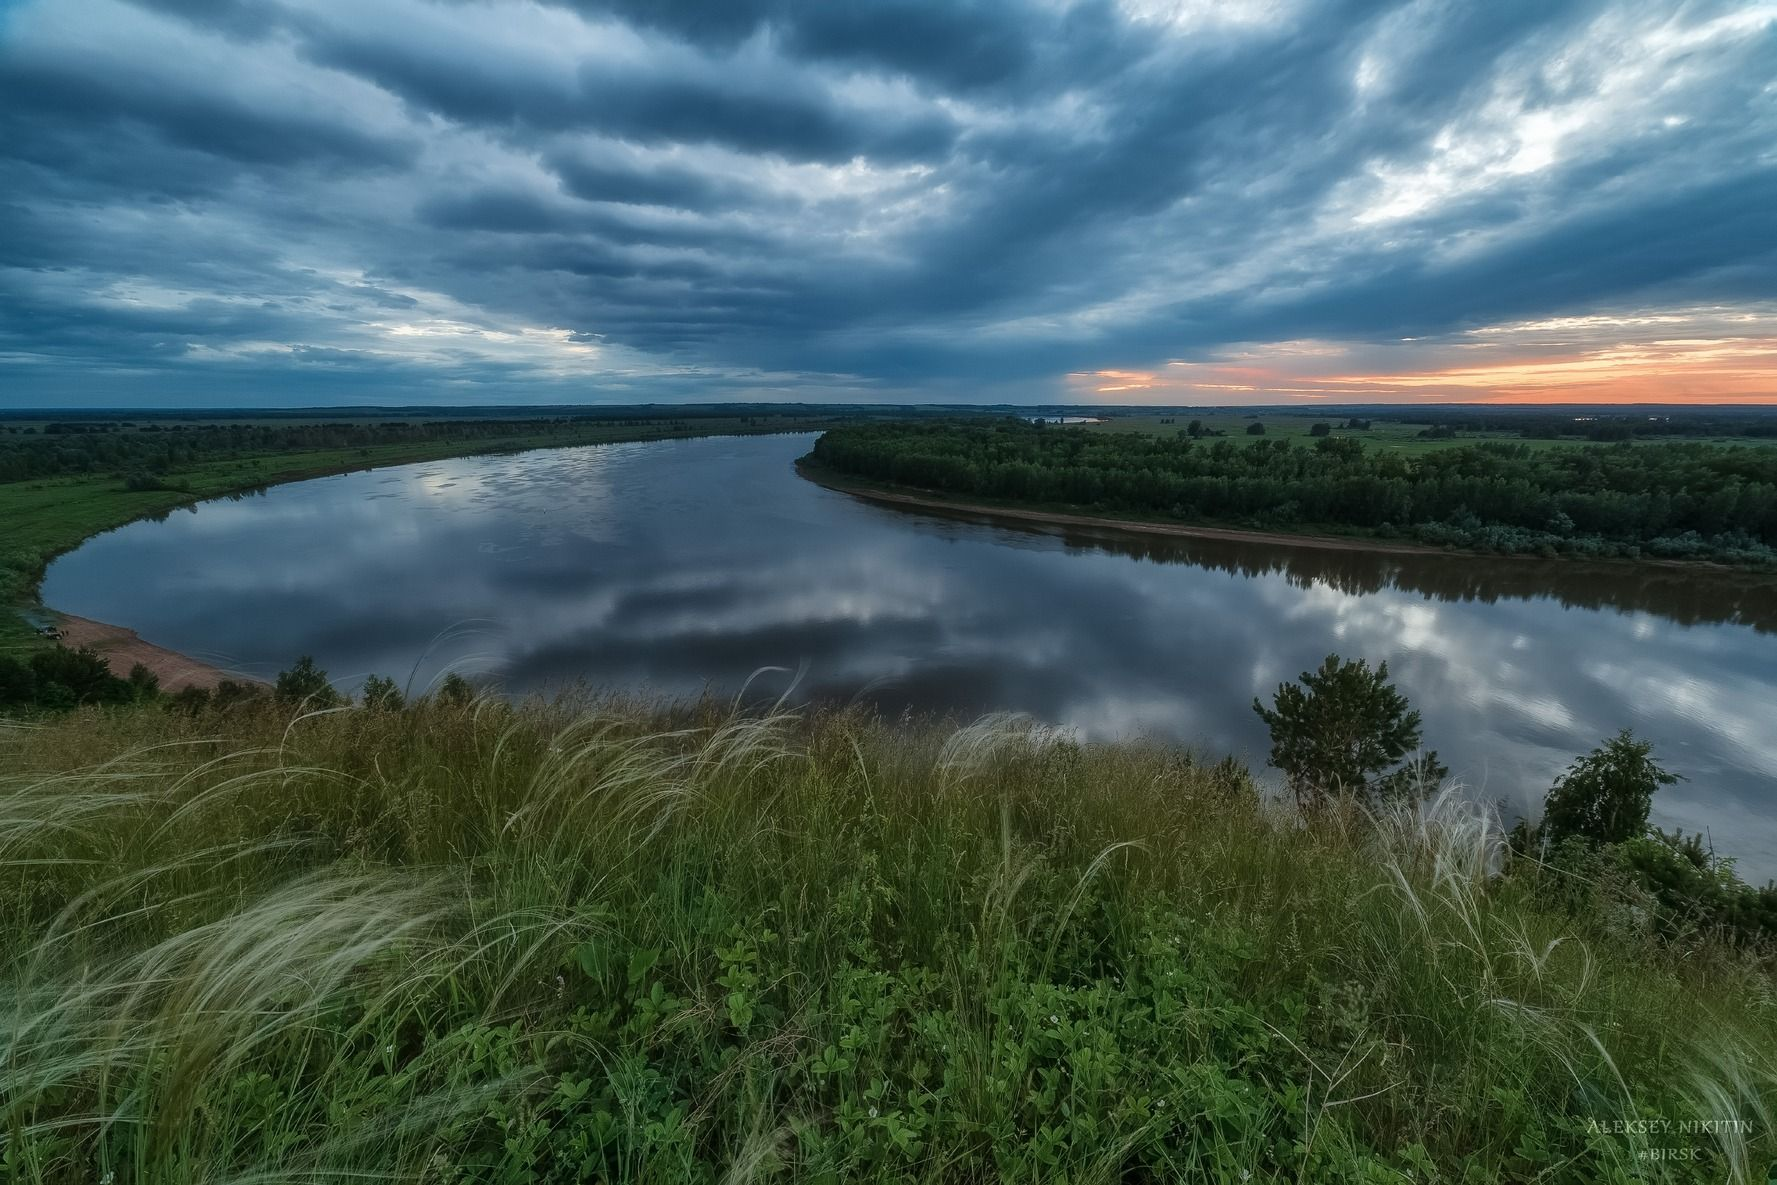 река Белая, после заката